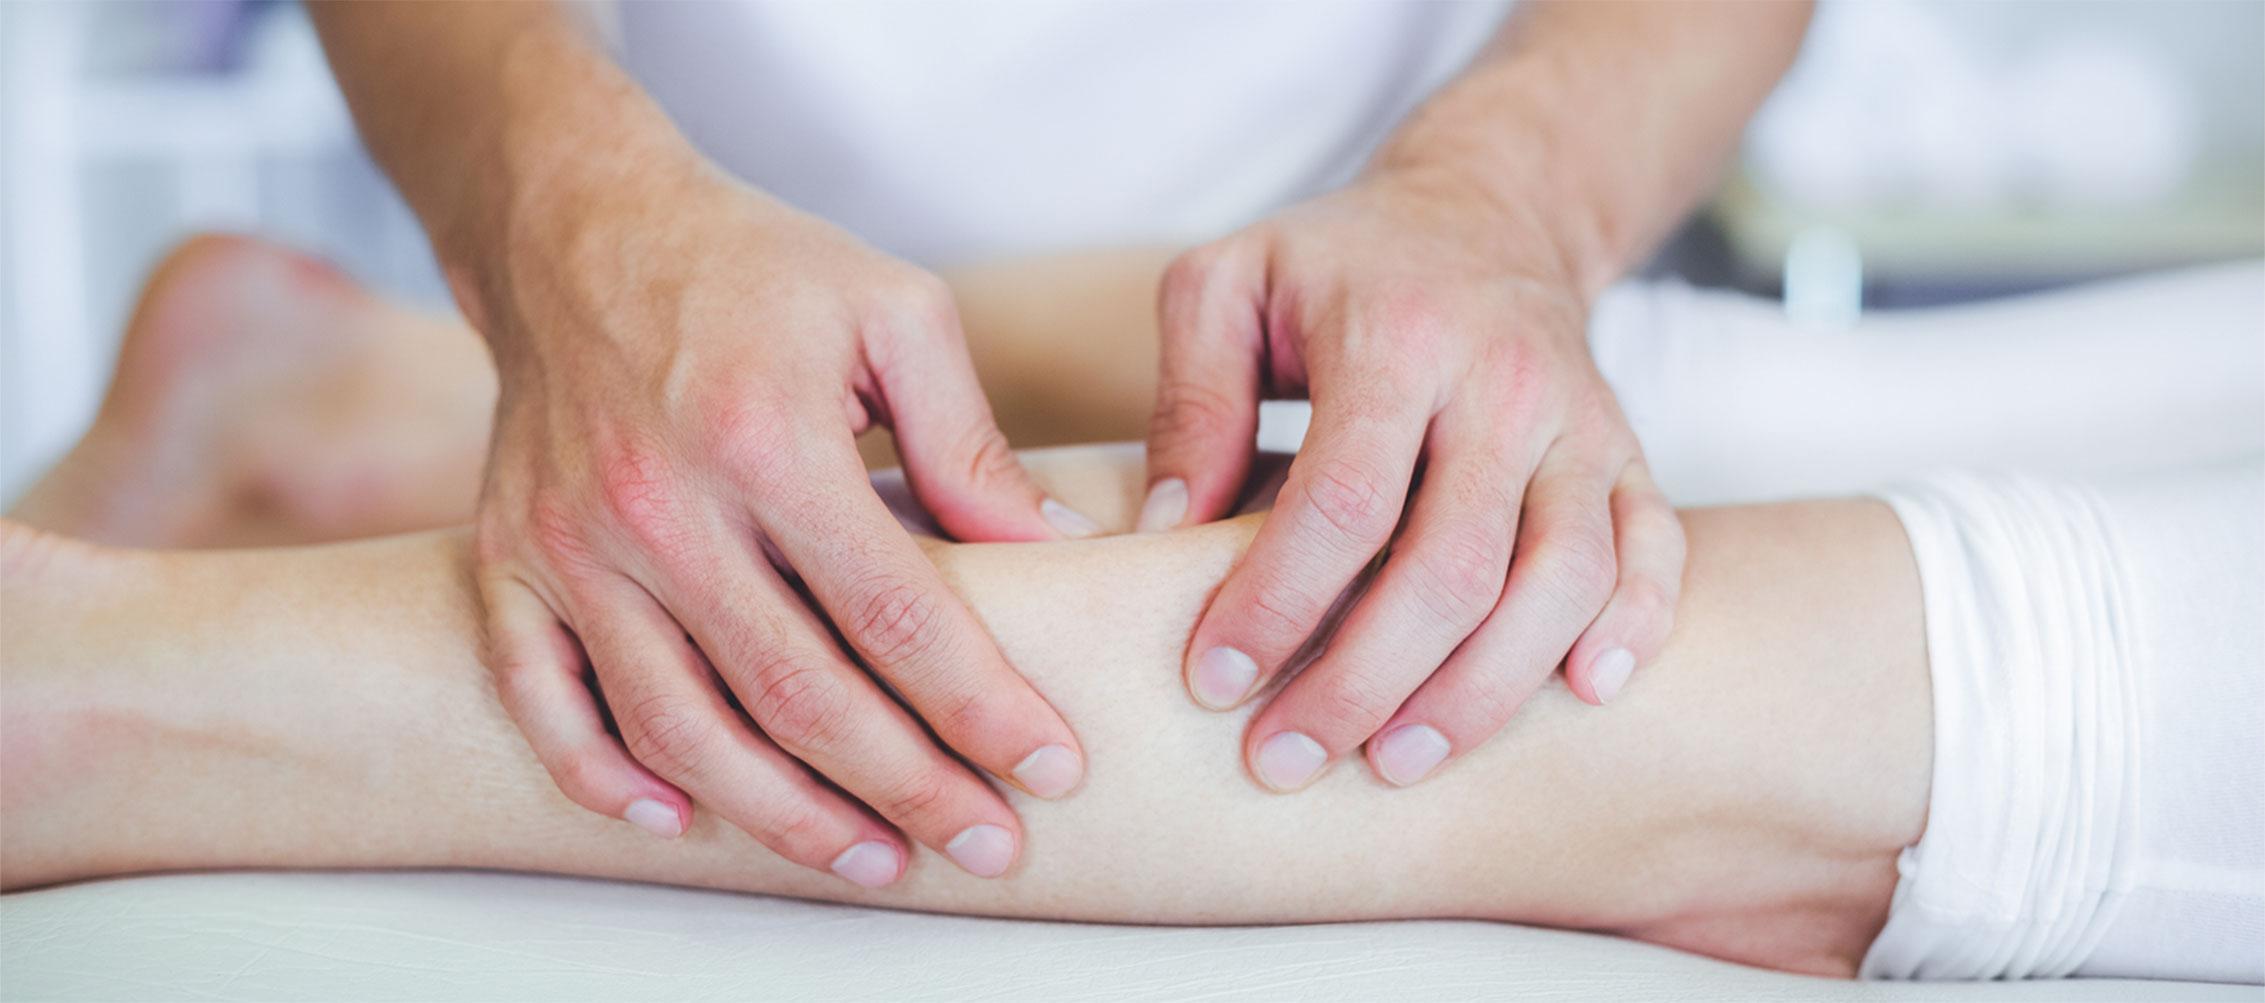 Oedeemtherapie breuseker medisch for Behandeling oedeem